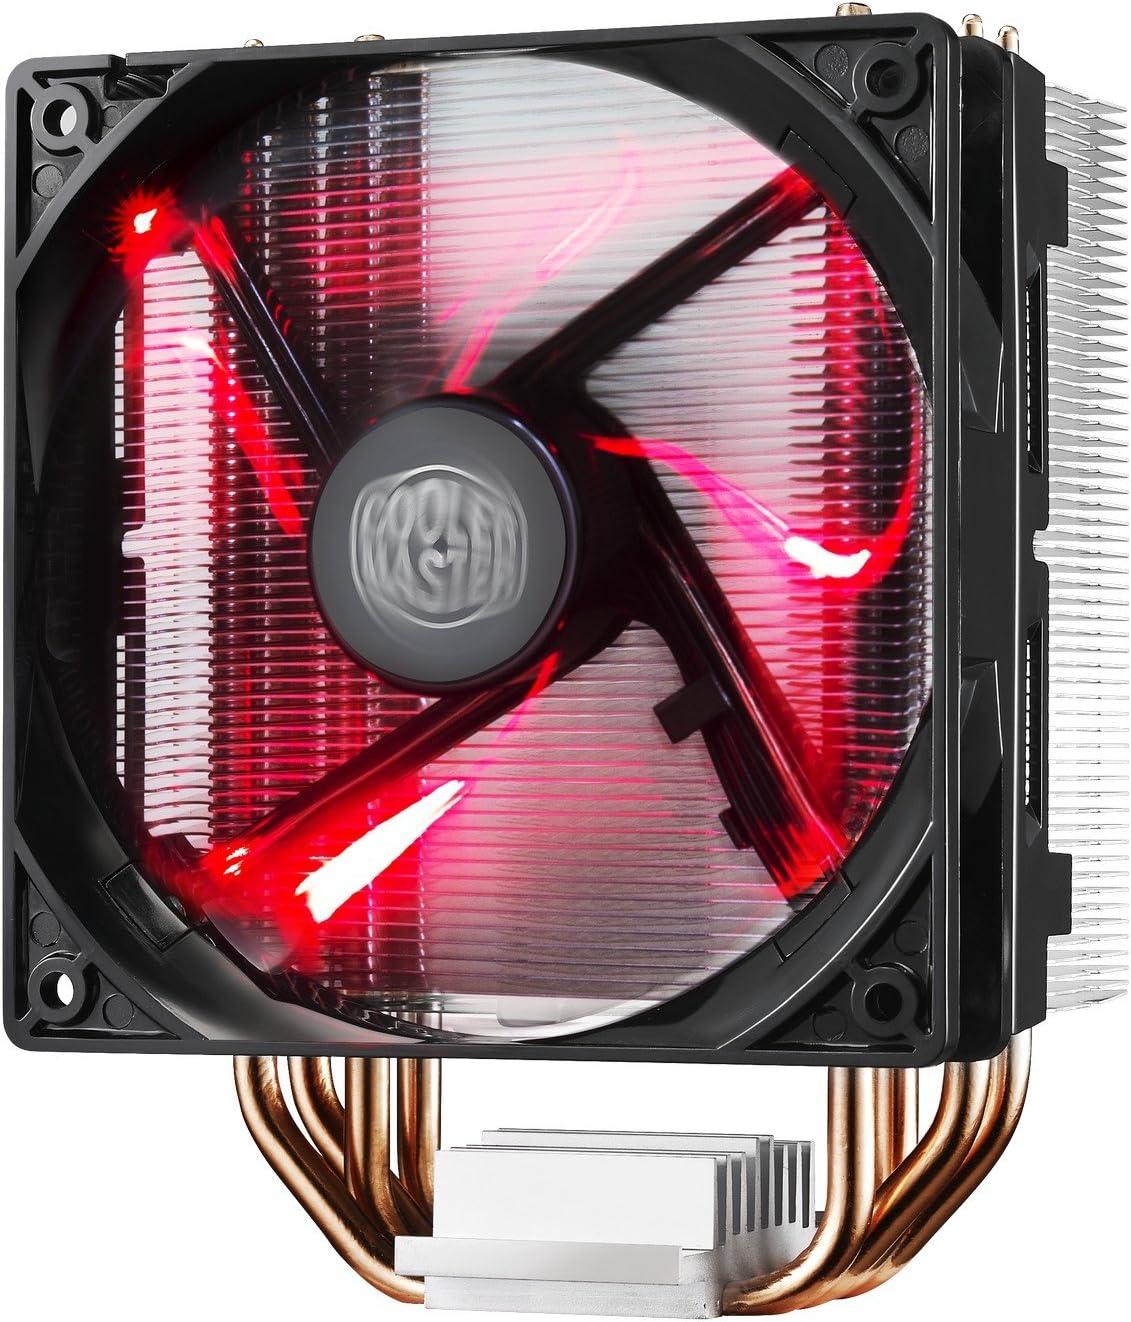 Cooler Master Hyper 212 LED Sistema Refrigeración - Resistente y Versátil - 4 Tubos de Calor Contacto Directo Continuo con Aletas, Ventilador PWM de 120 mm